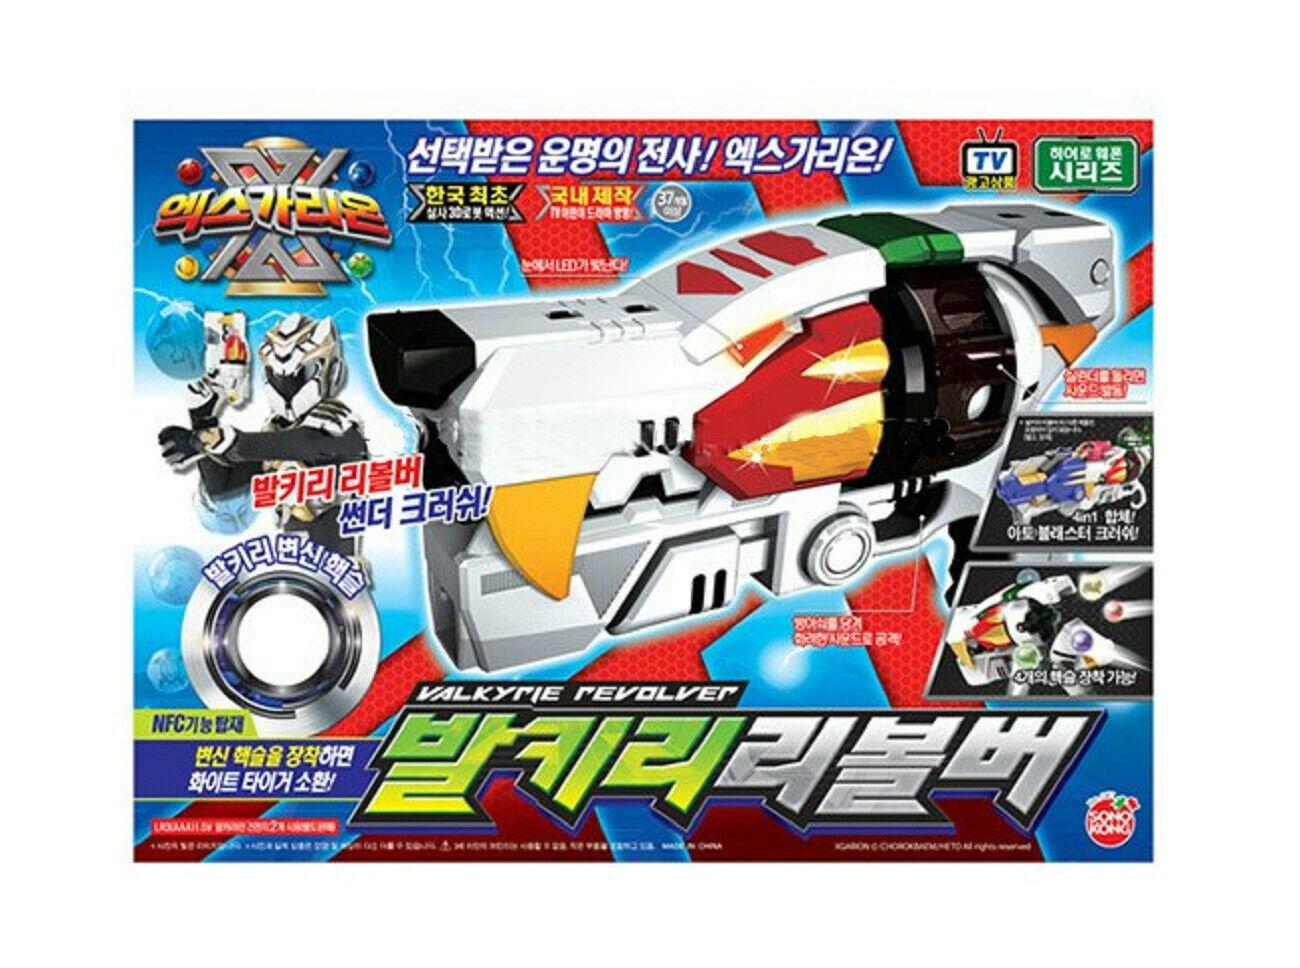 X-Garion Valkyrie Revolver Hero Sound Toy Weapon